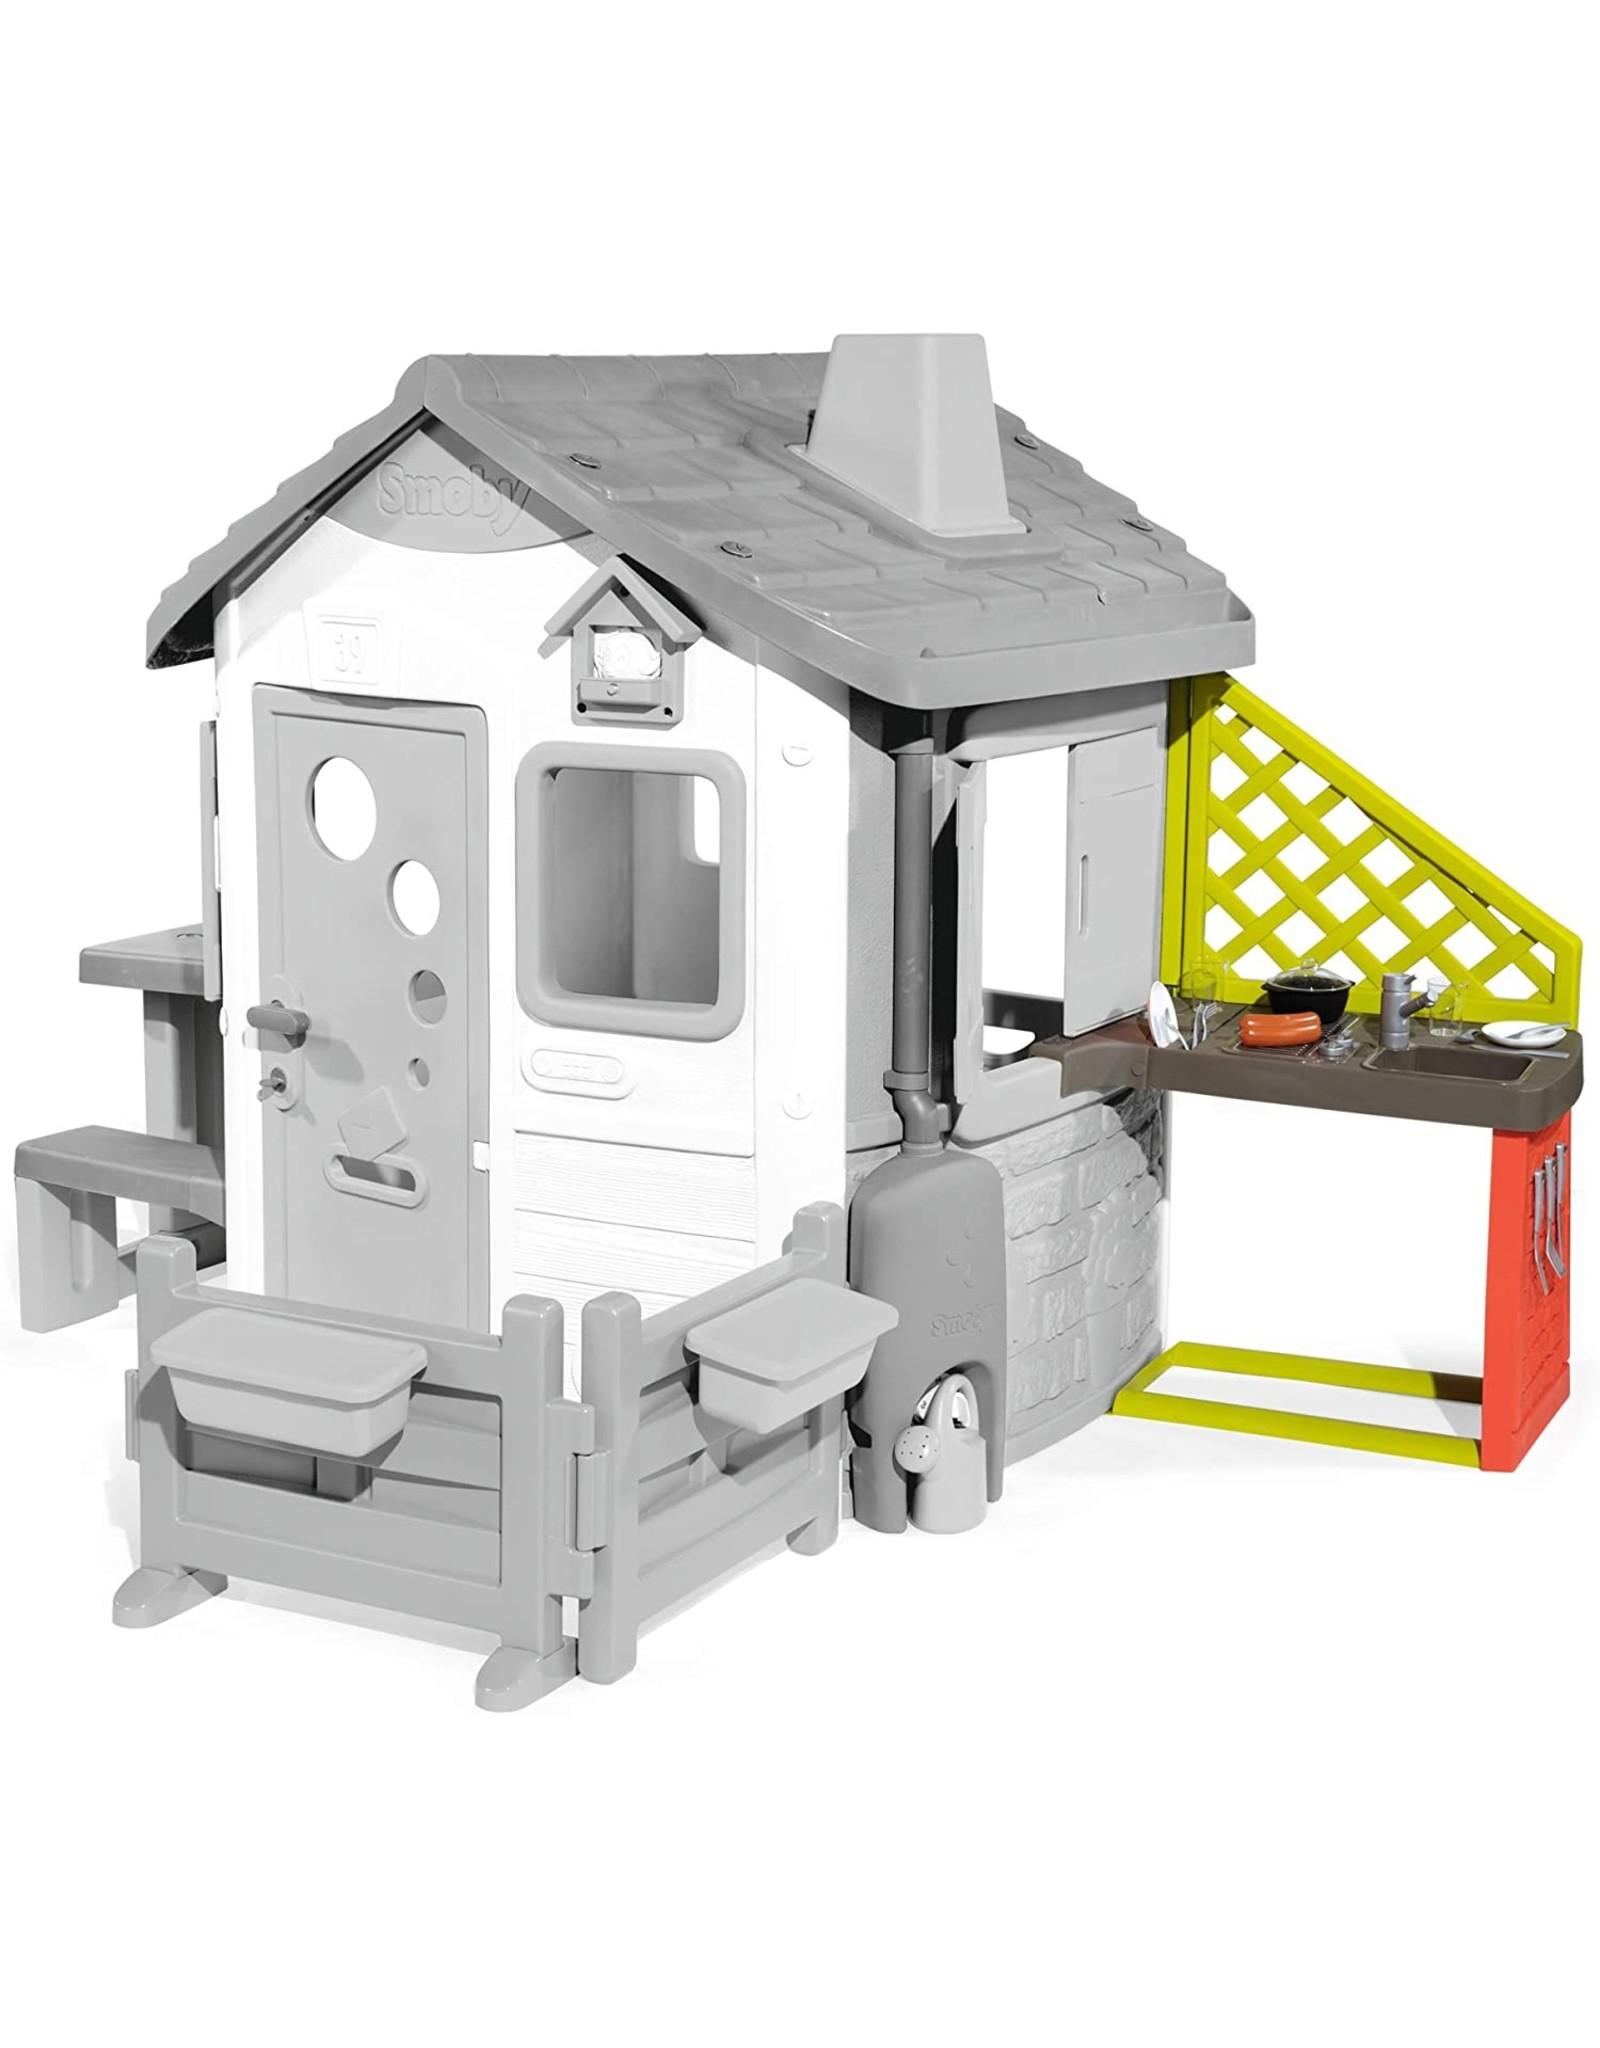 Smoby SMOBY Keuken 810901